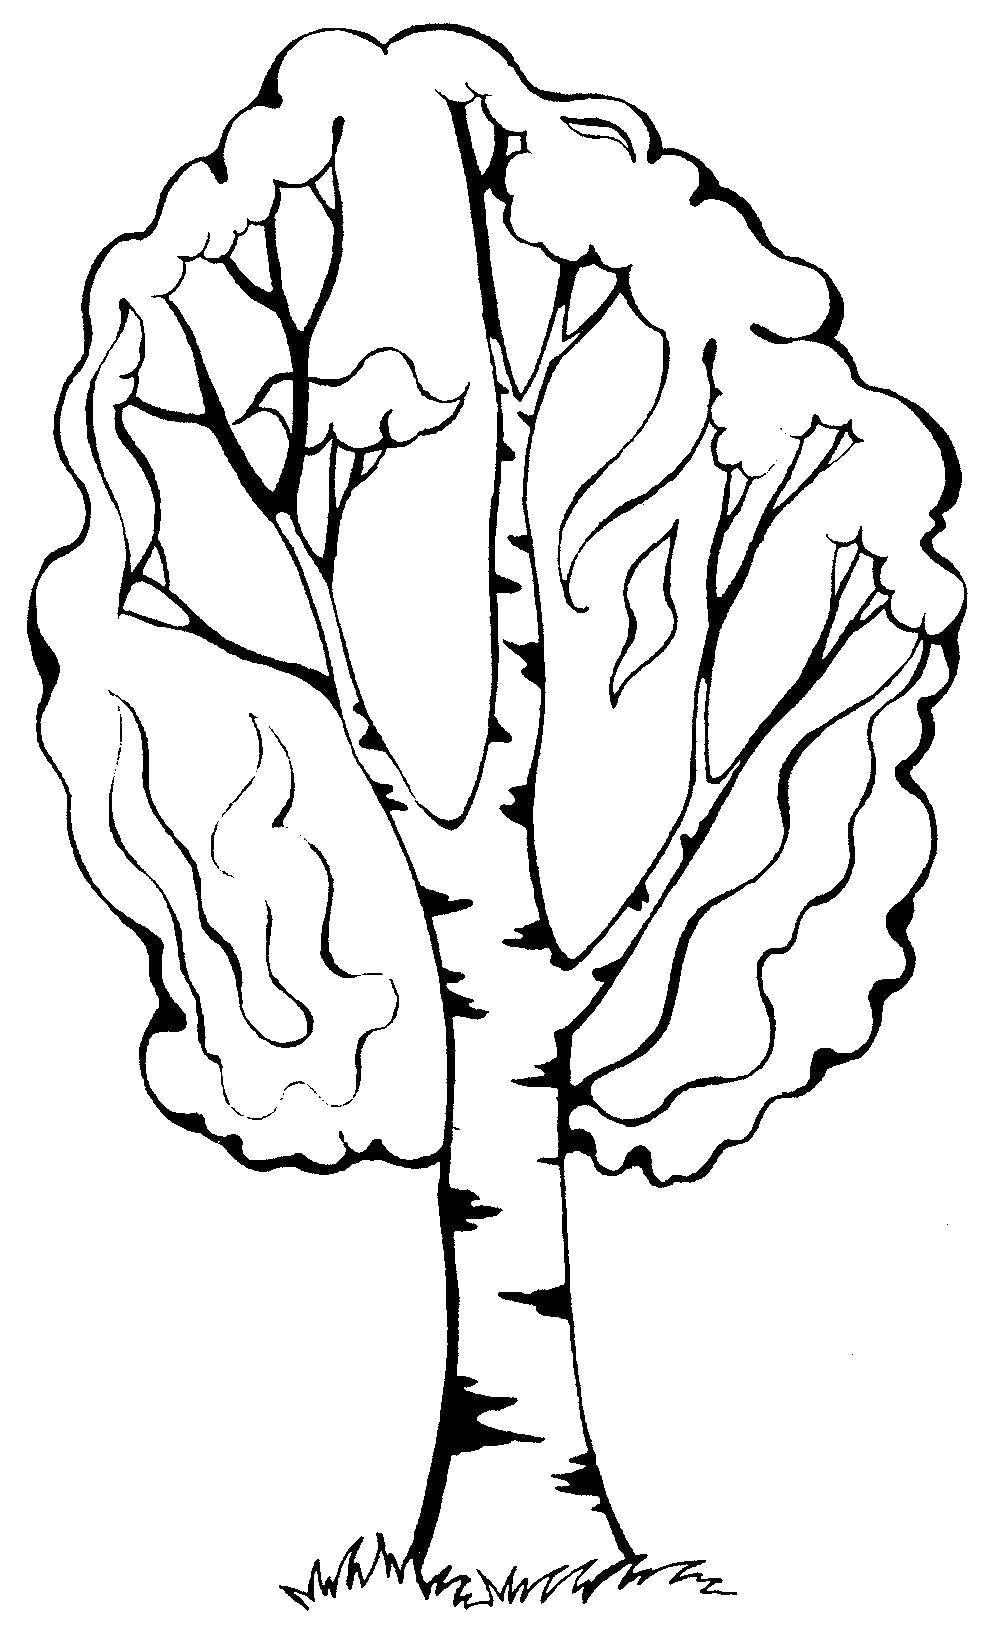 """Раскраска  """"береза дерево зимой"""" скачать и распечатать бесплатно. Скачать дерево.  Распечатать Контуры дервеьев"""